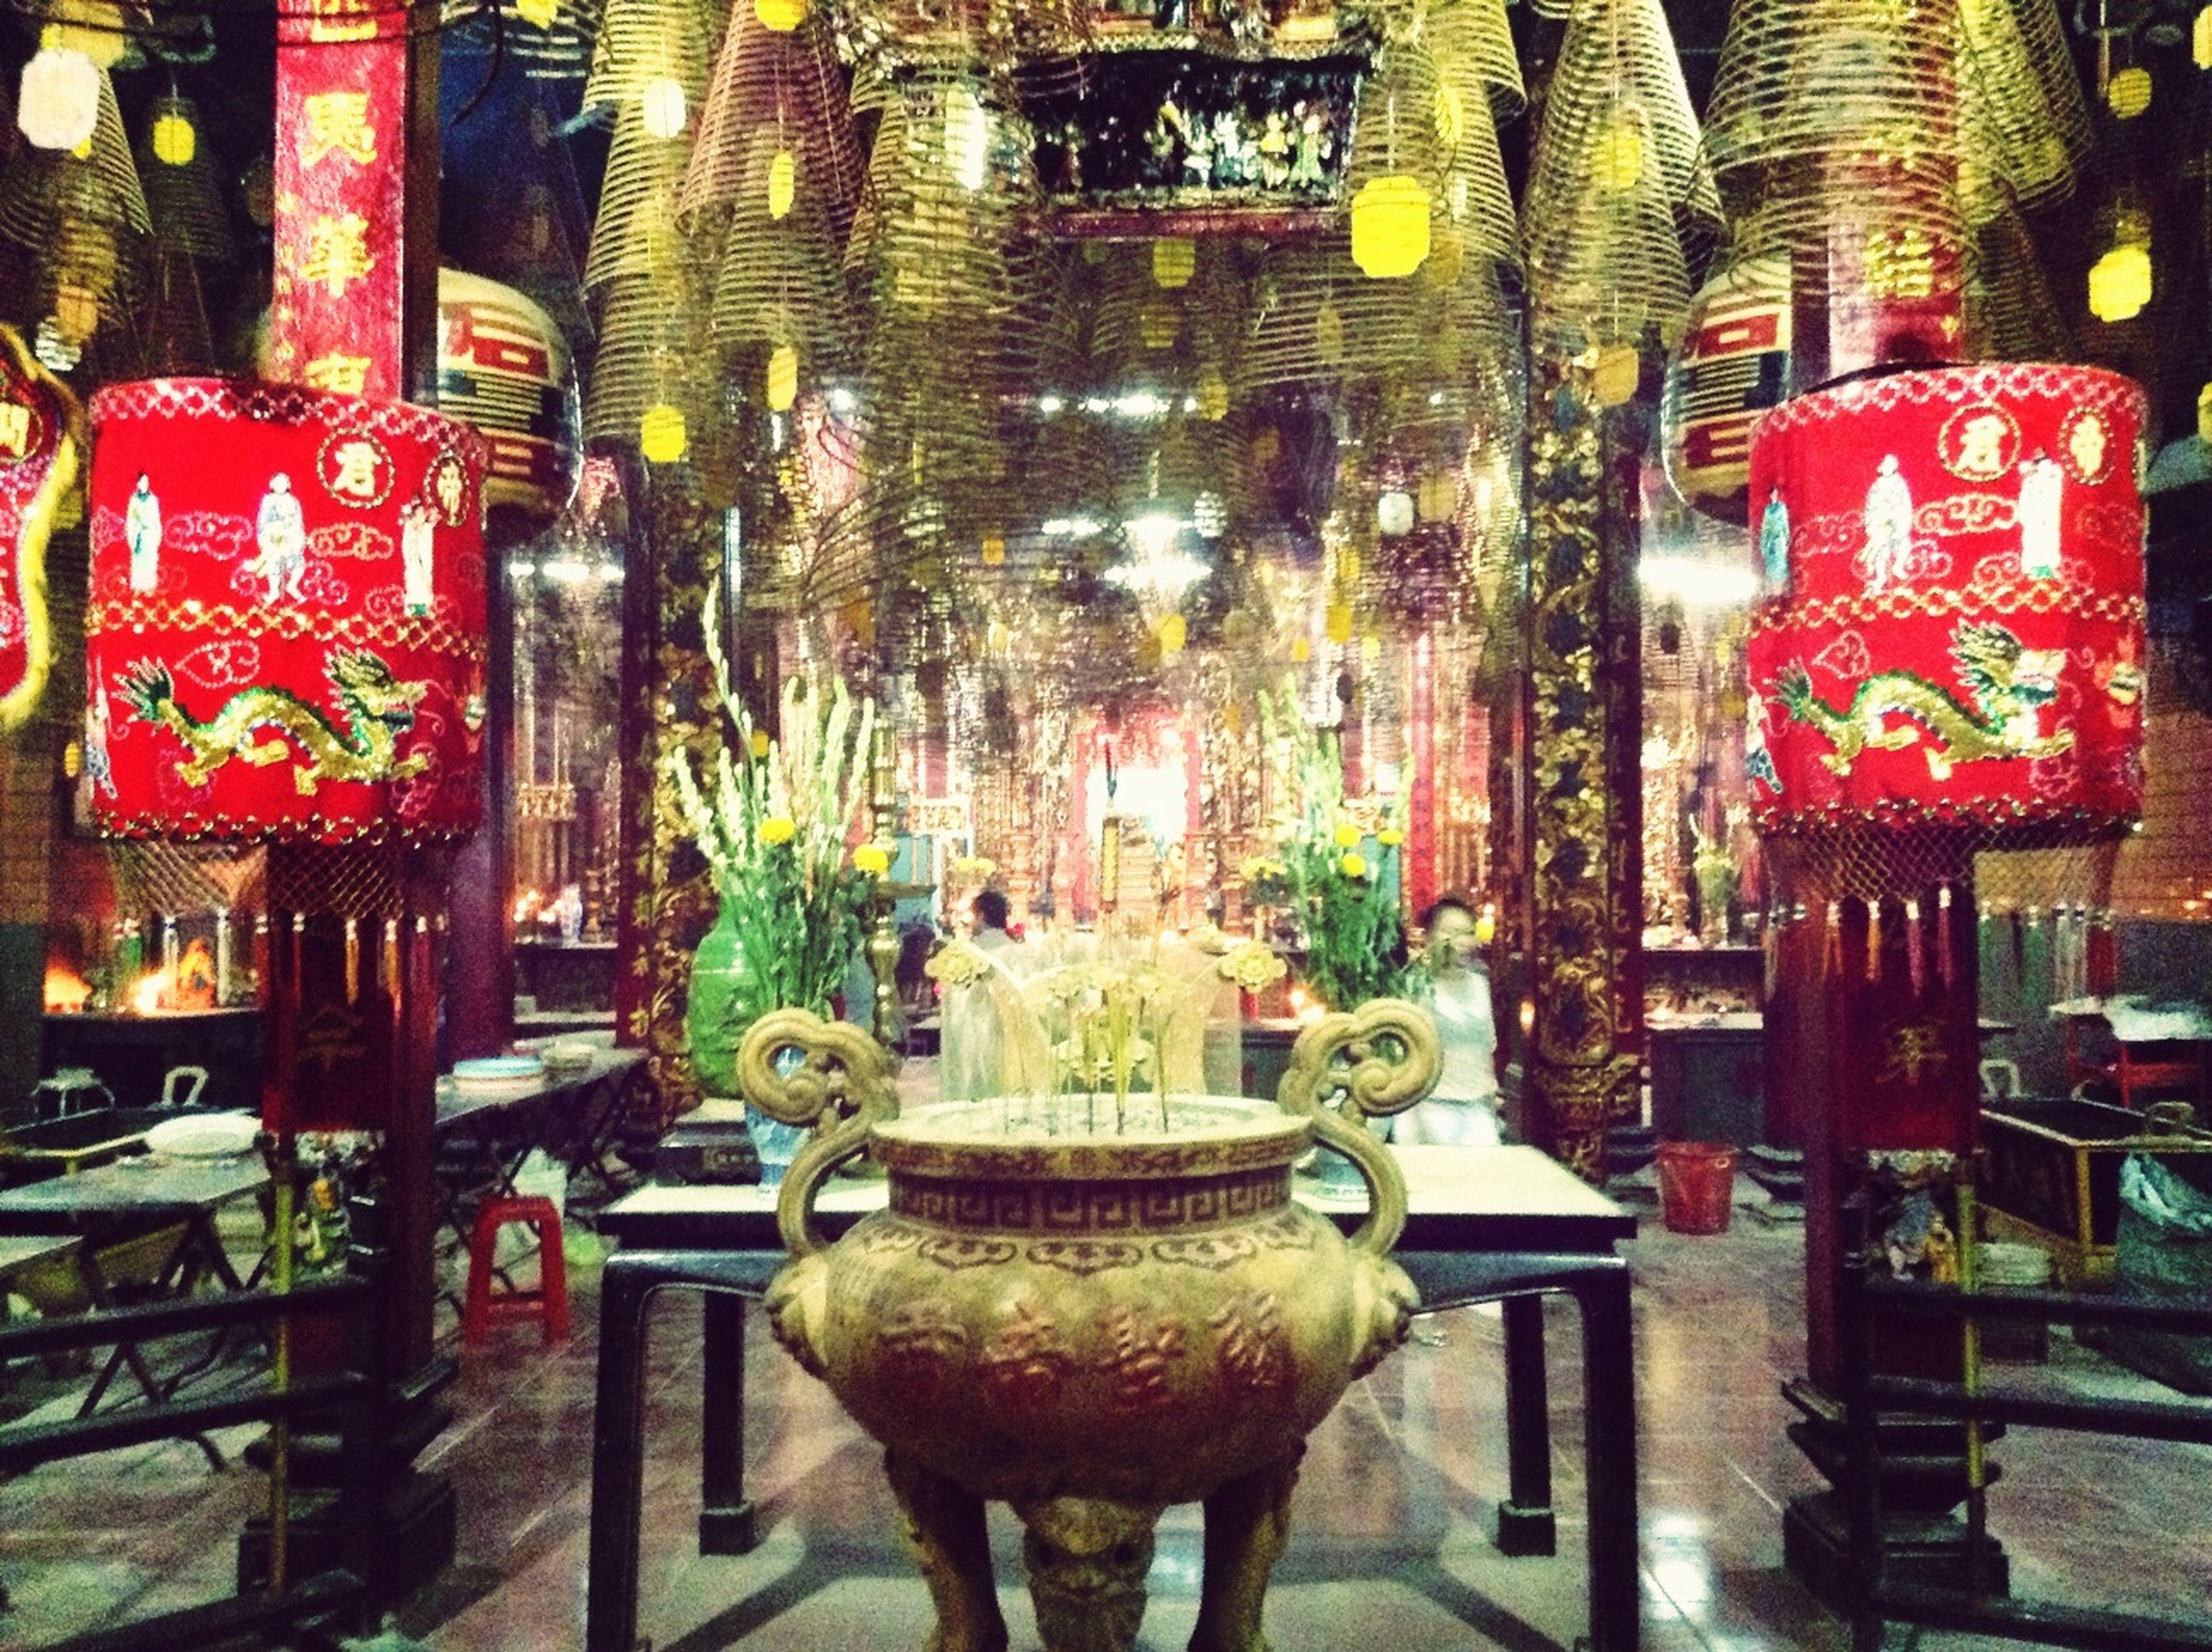 Pagoda For Good Luck